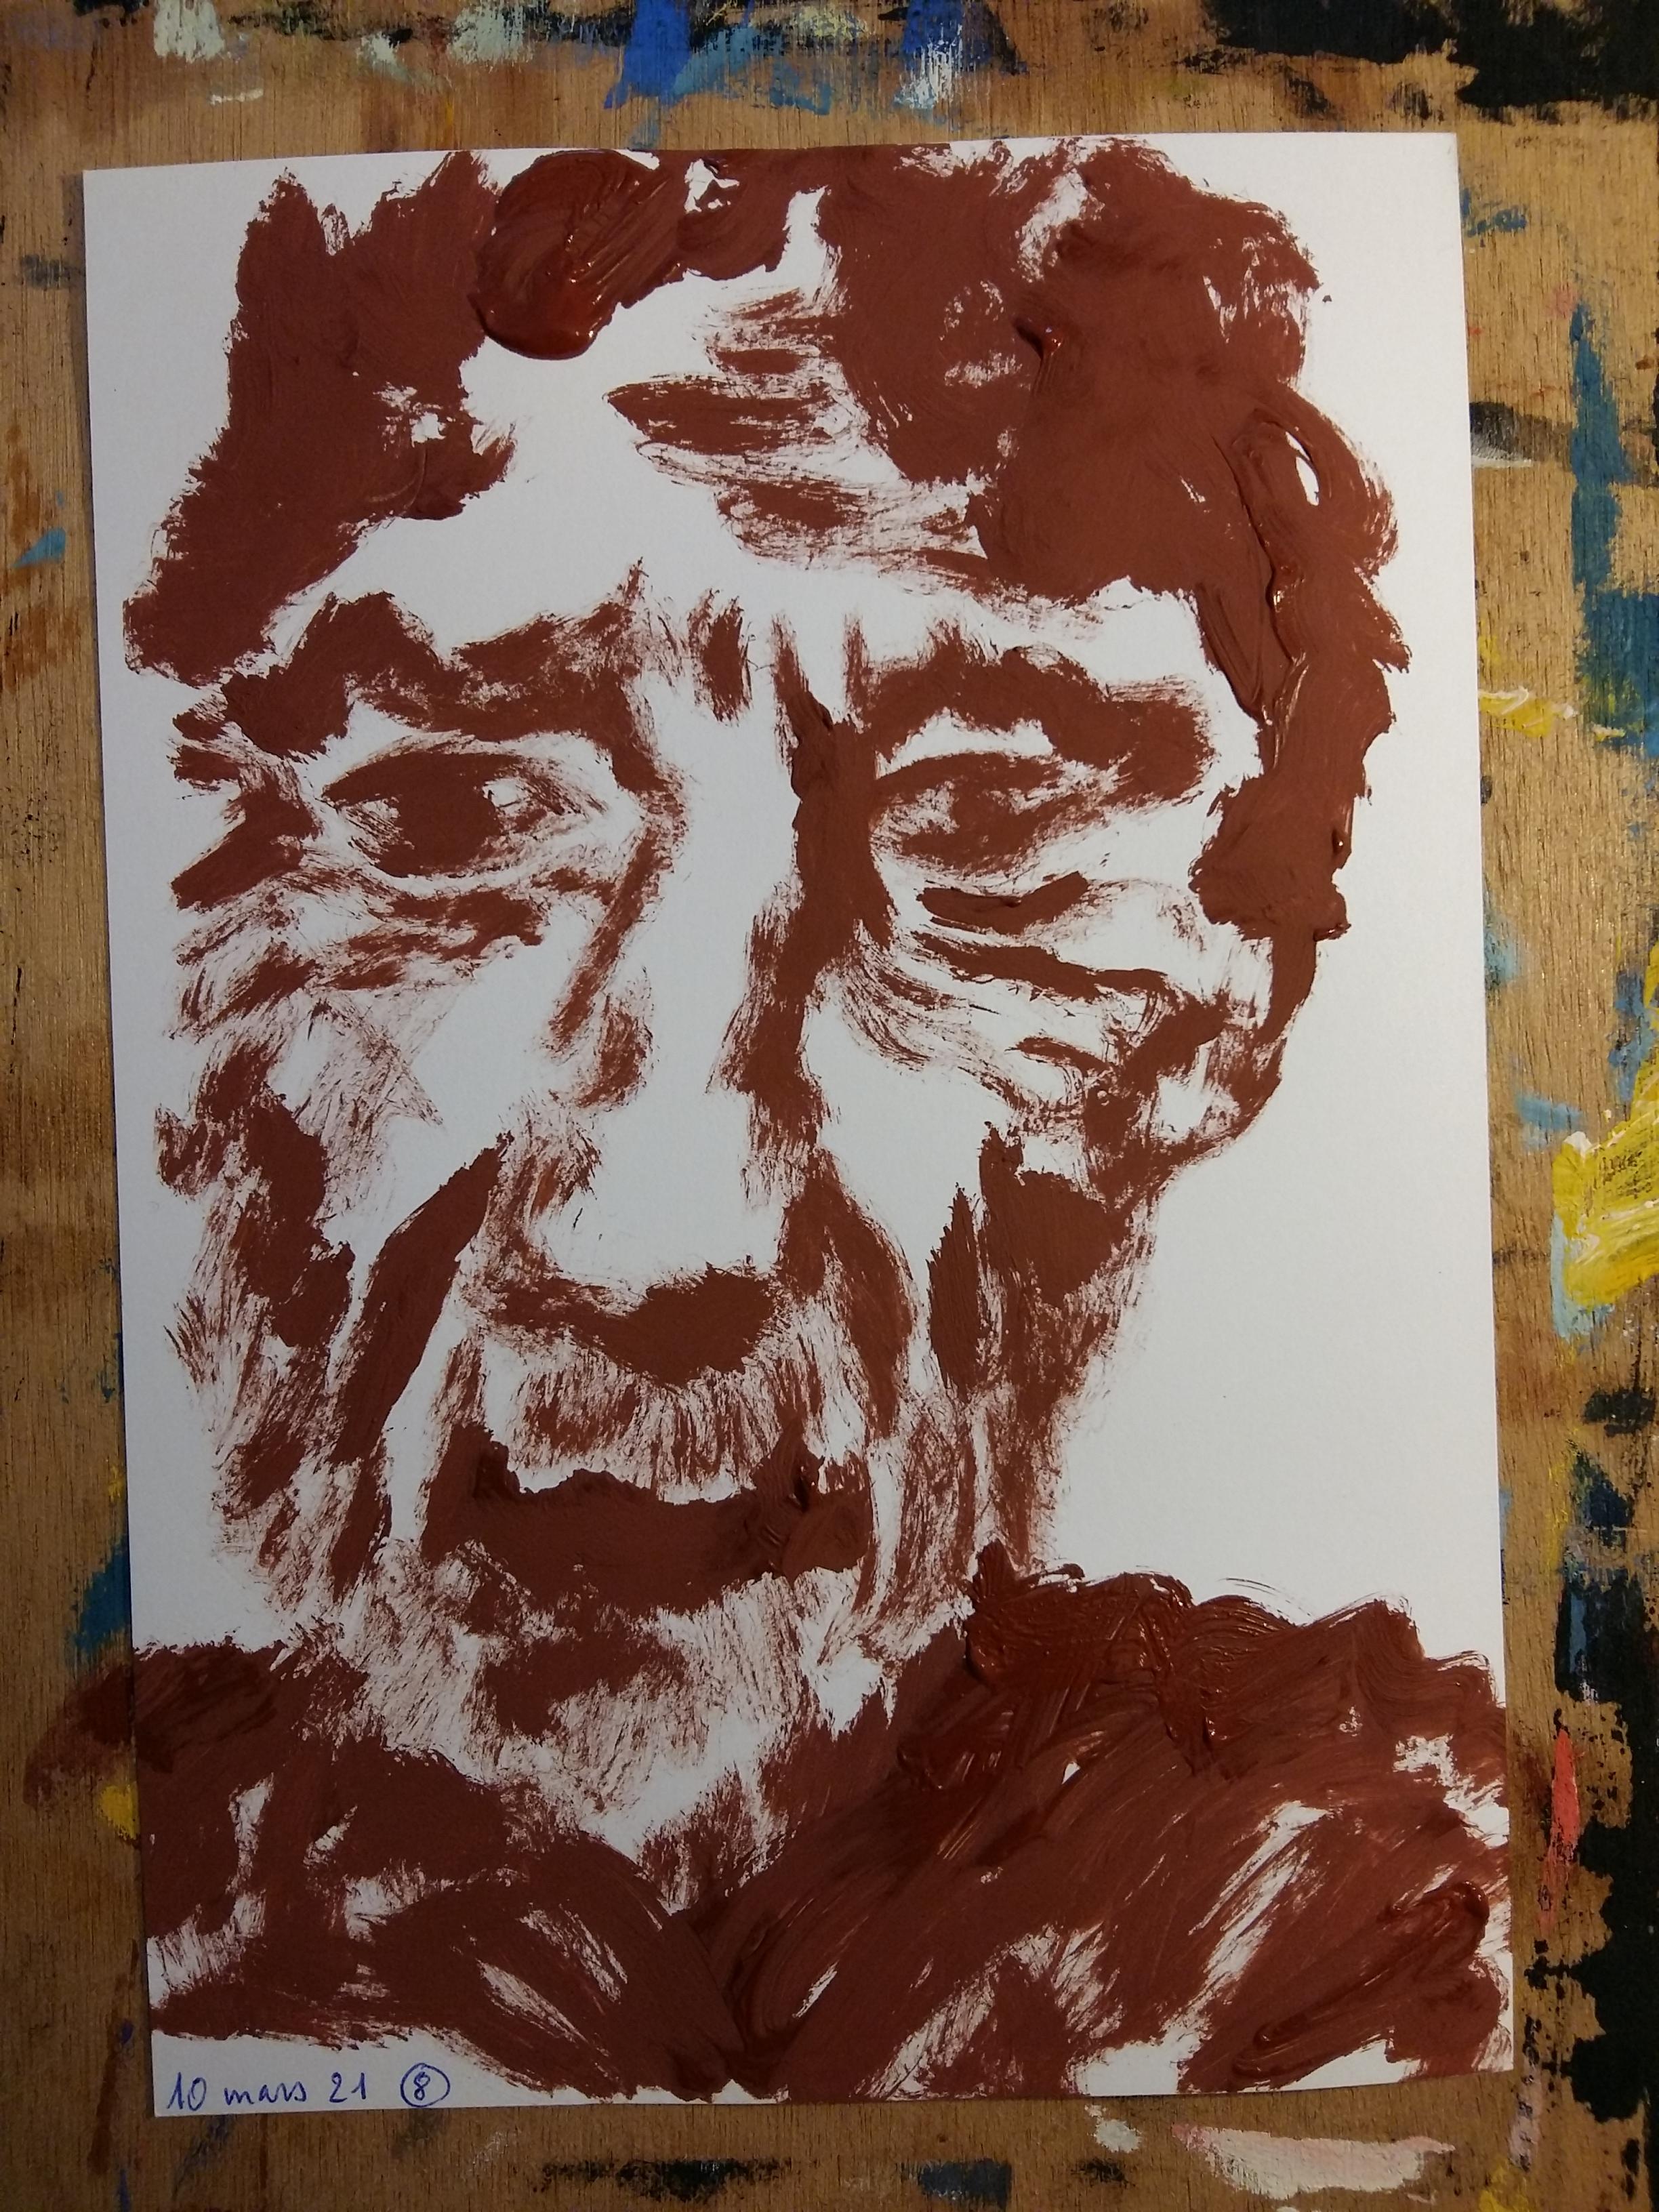 Portrait homme face gouache mardi sur papier  cours de dessin